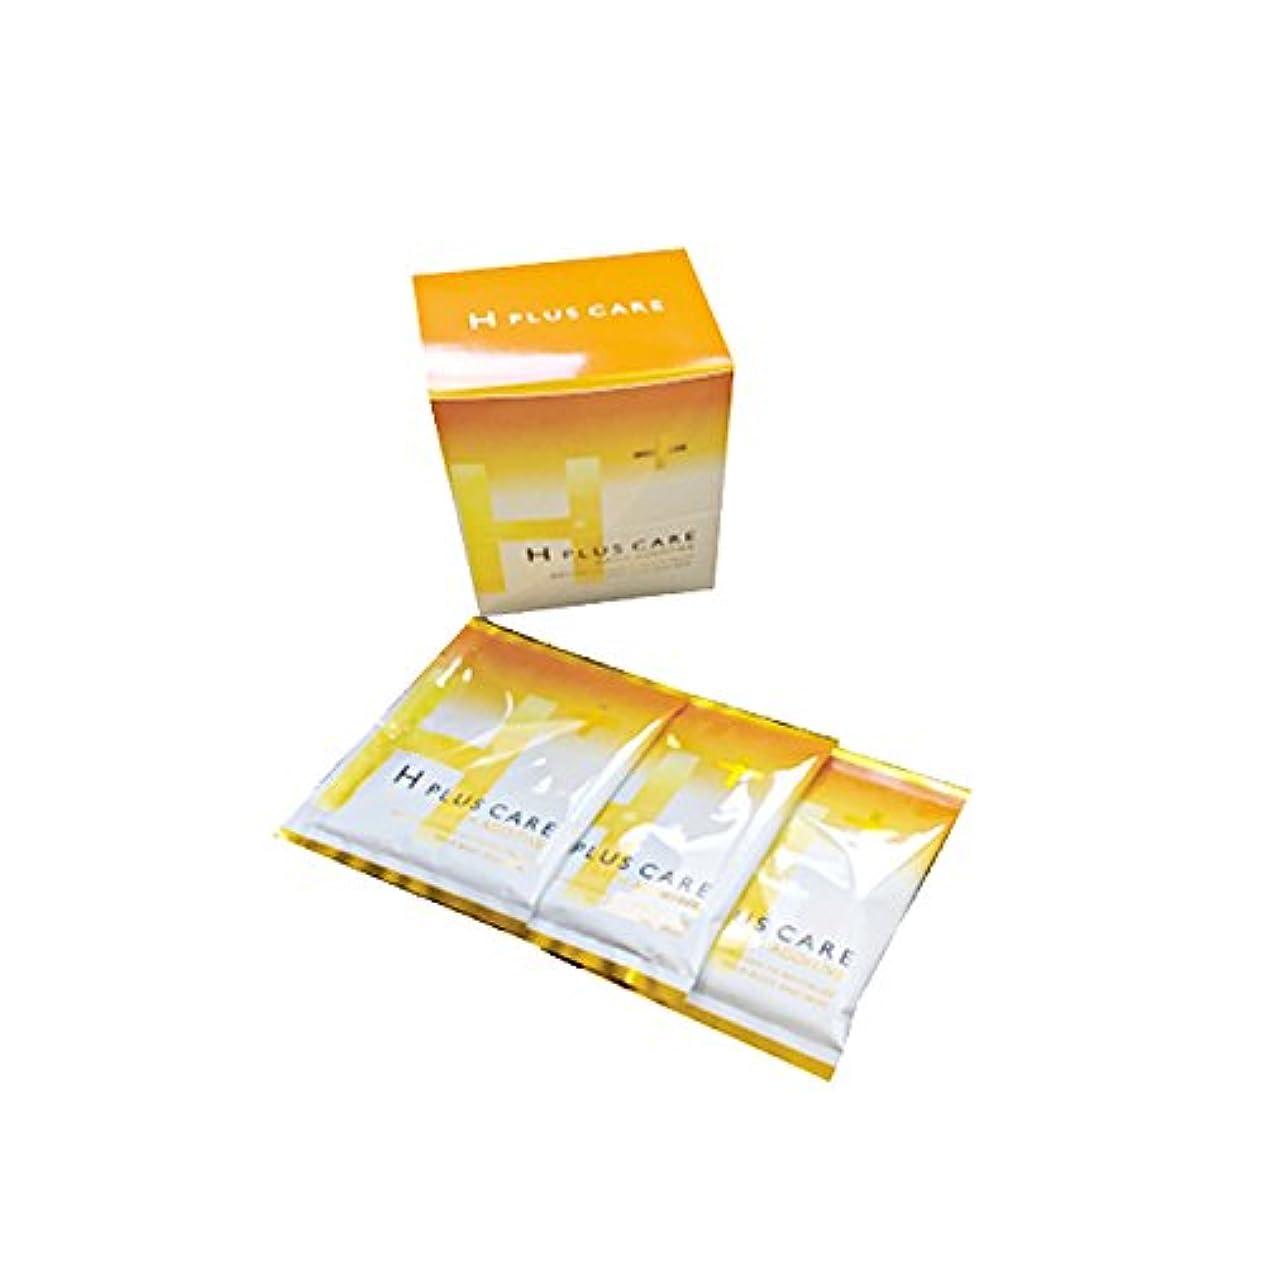 アルカイック欲望診療所水素浴用剤 H PLUS CARE(エイチプラスケア) 450g(45g×10包) アンタレス